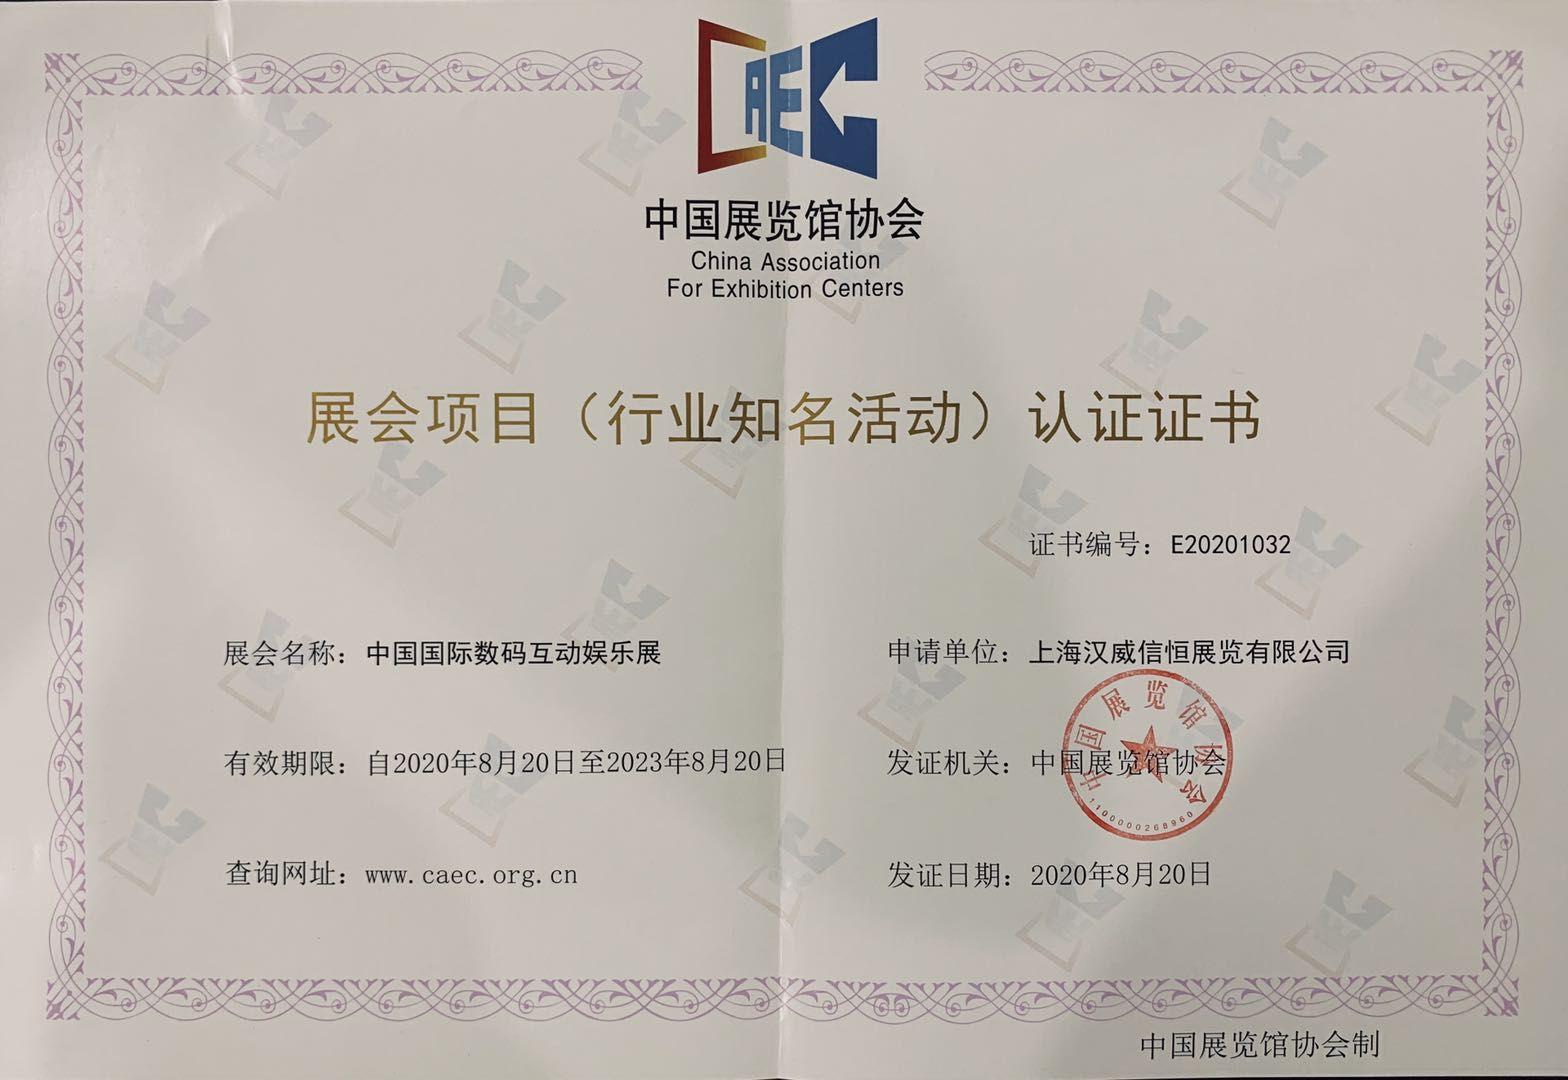 """喜报!ChinaJoy荣获中国展览馆协会第一批""""展会项目(行业知名活动)""""权威认证!"""